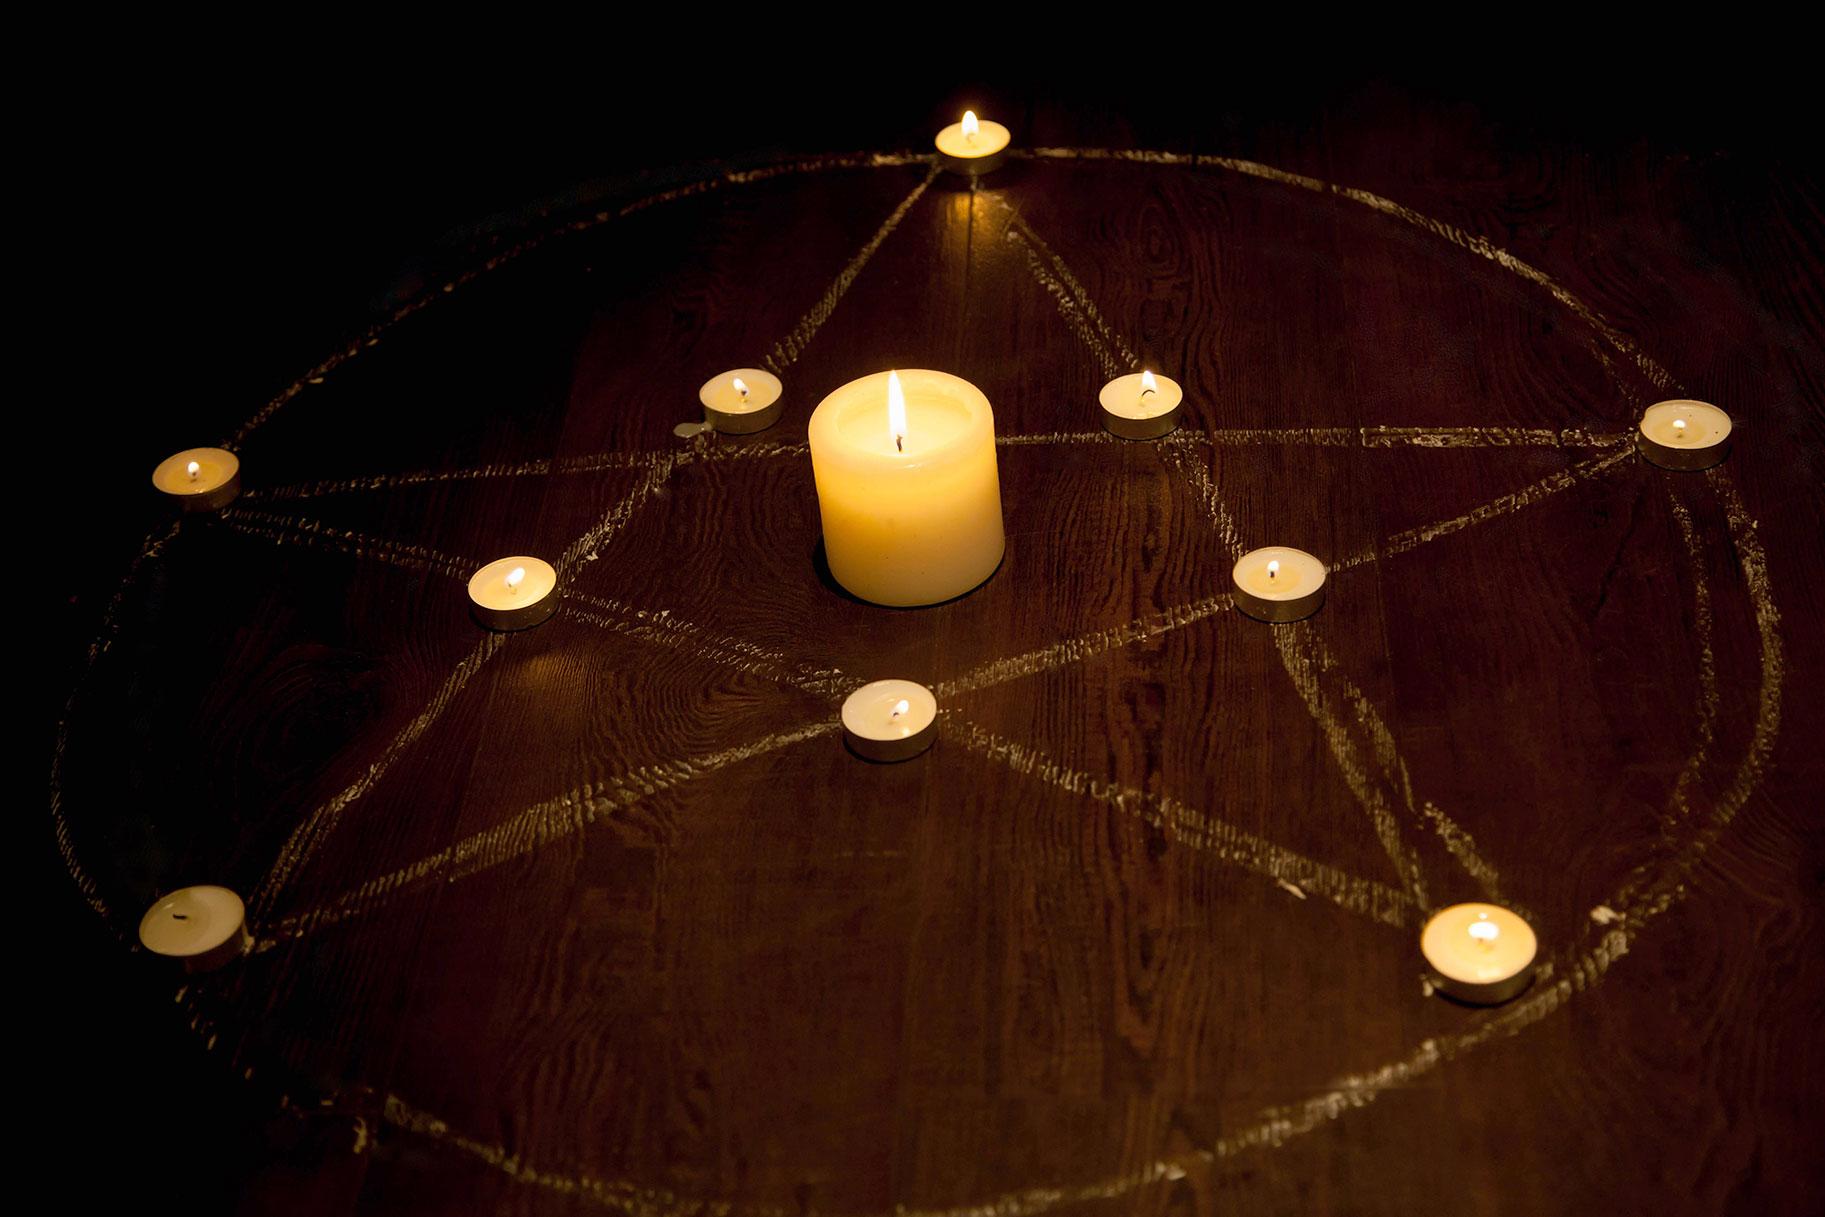 Kas Saatana templi liikmed kummardavad tõesti Saatanat?